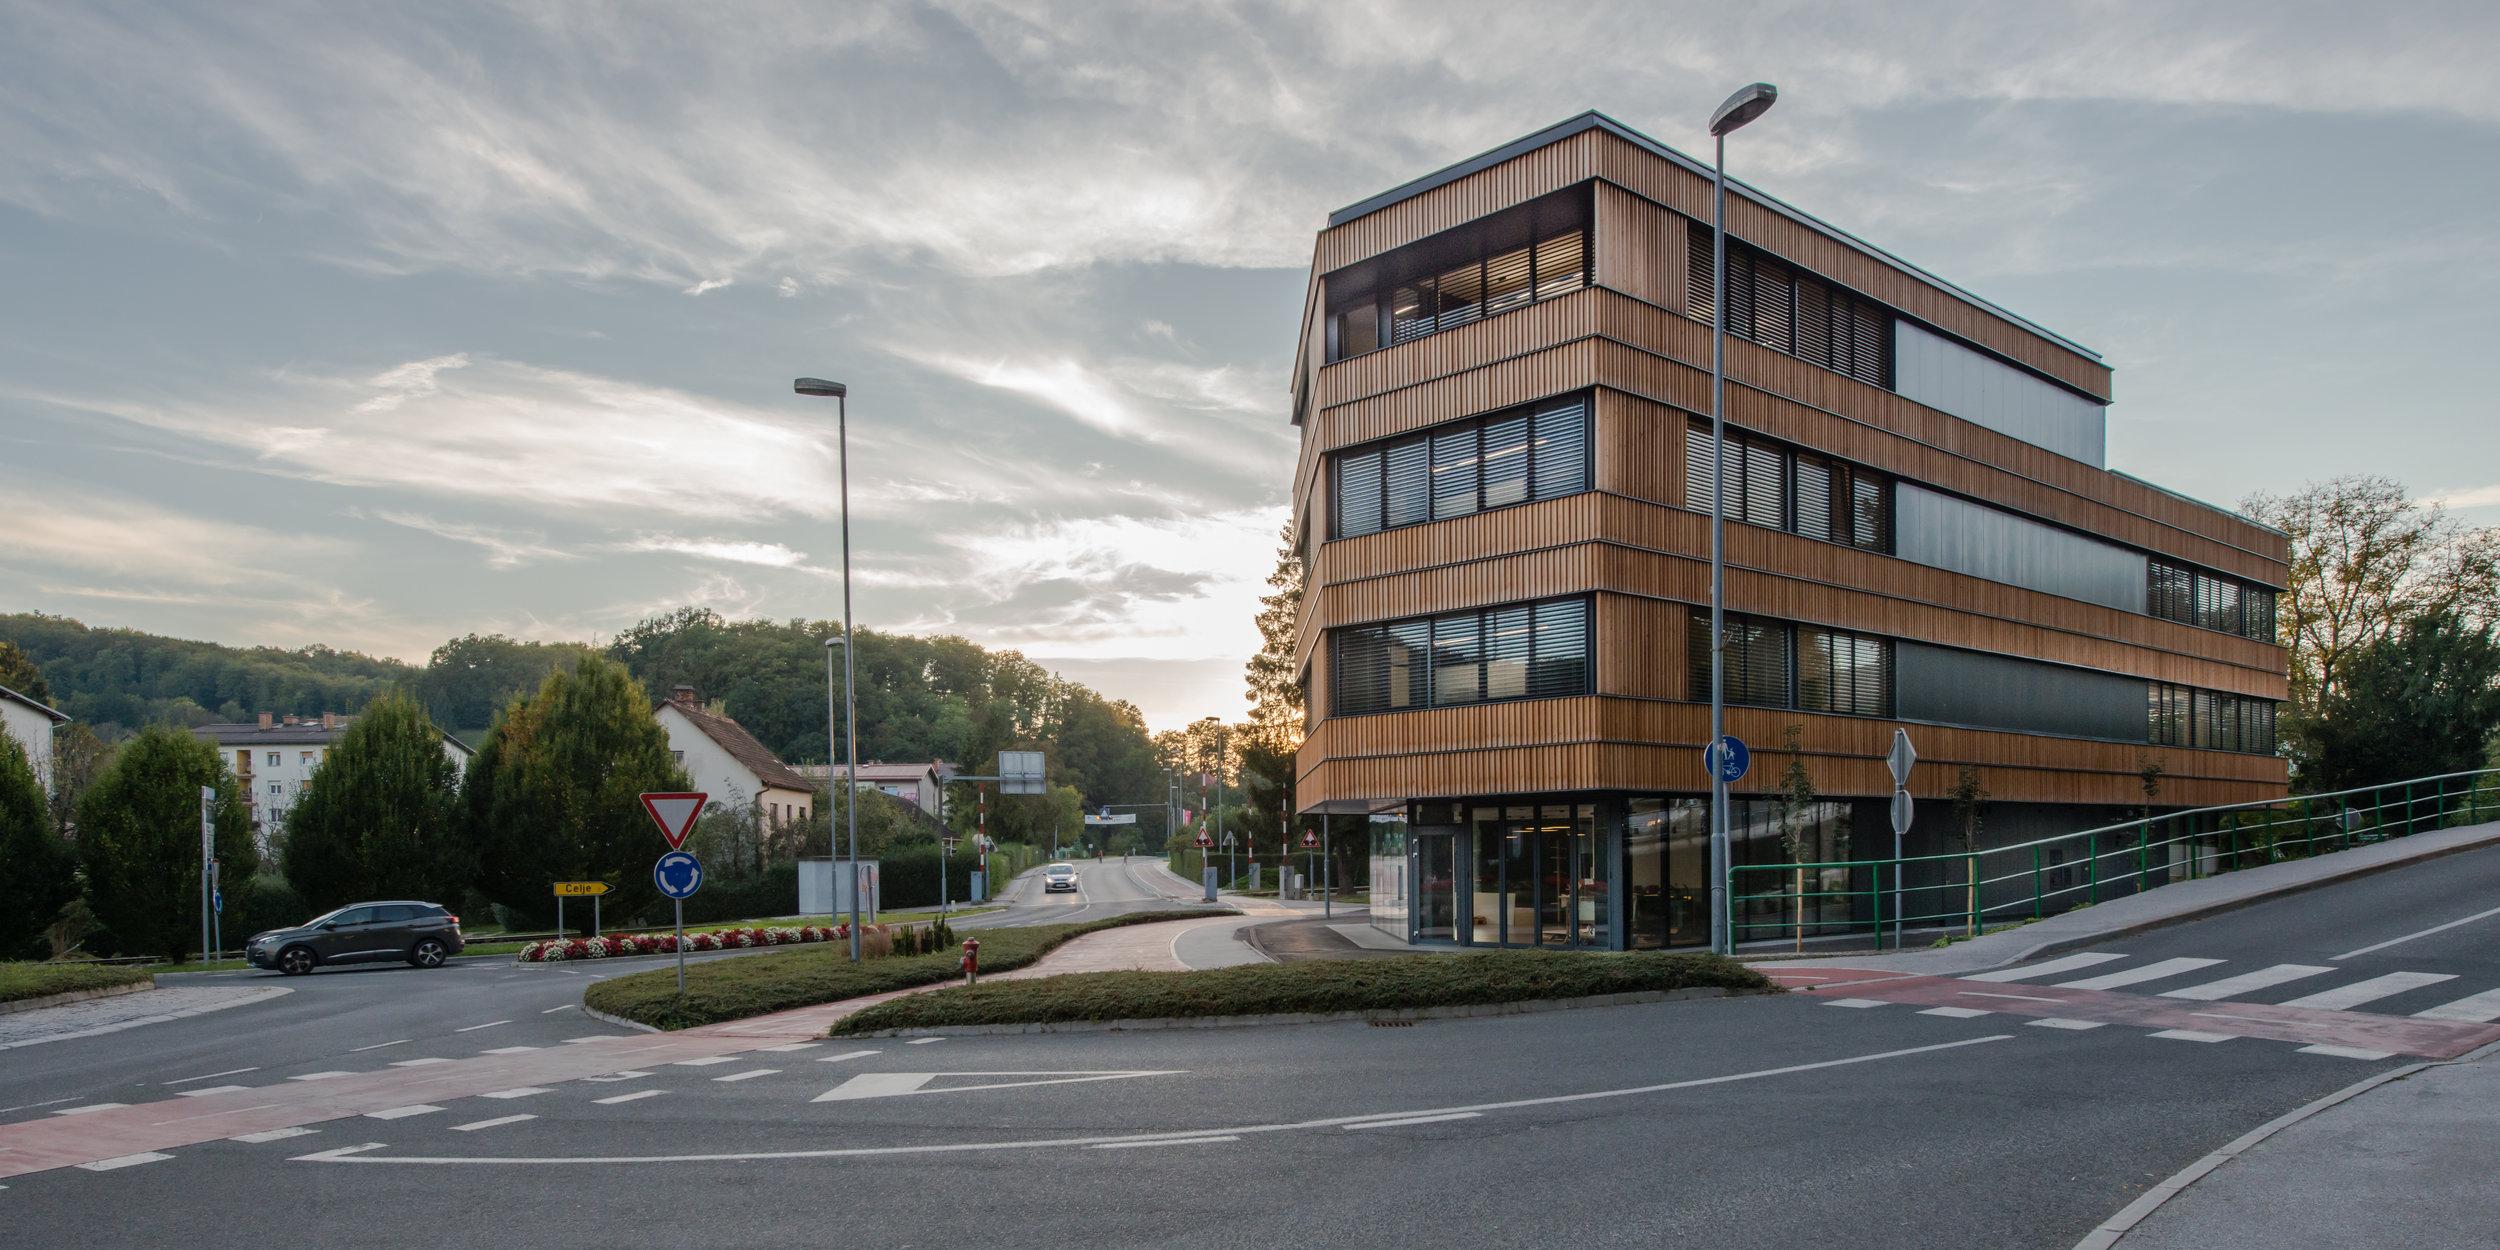 vv_2018-09_rogaska_pc-vrelec_potokar_strehovec-241.jpg